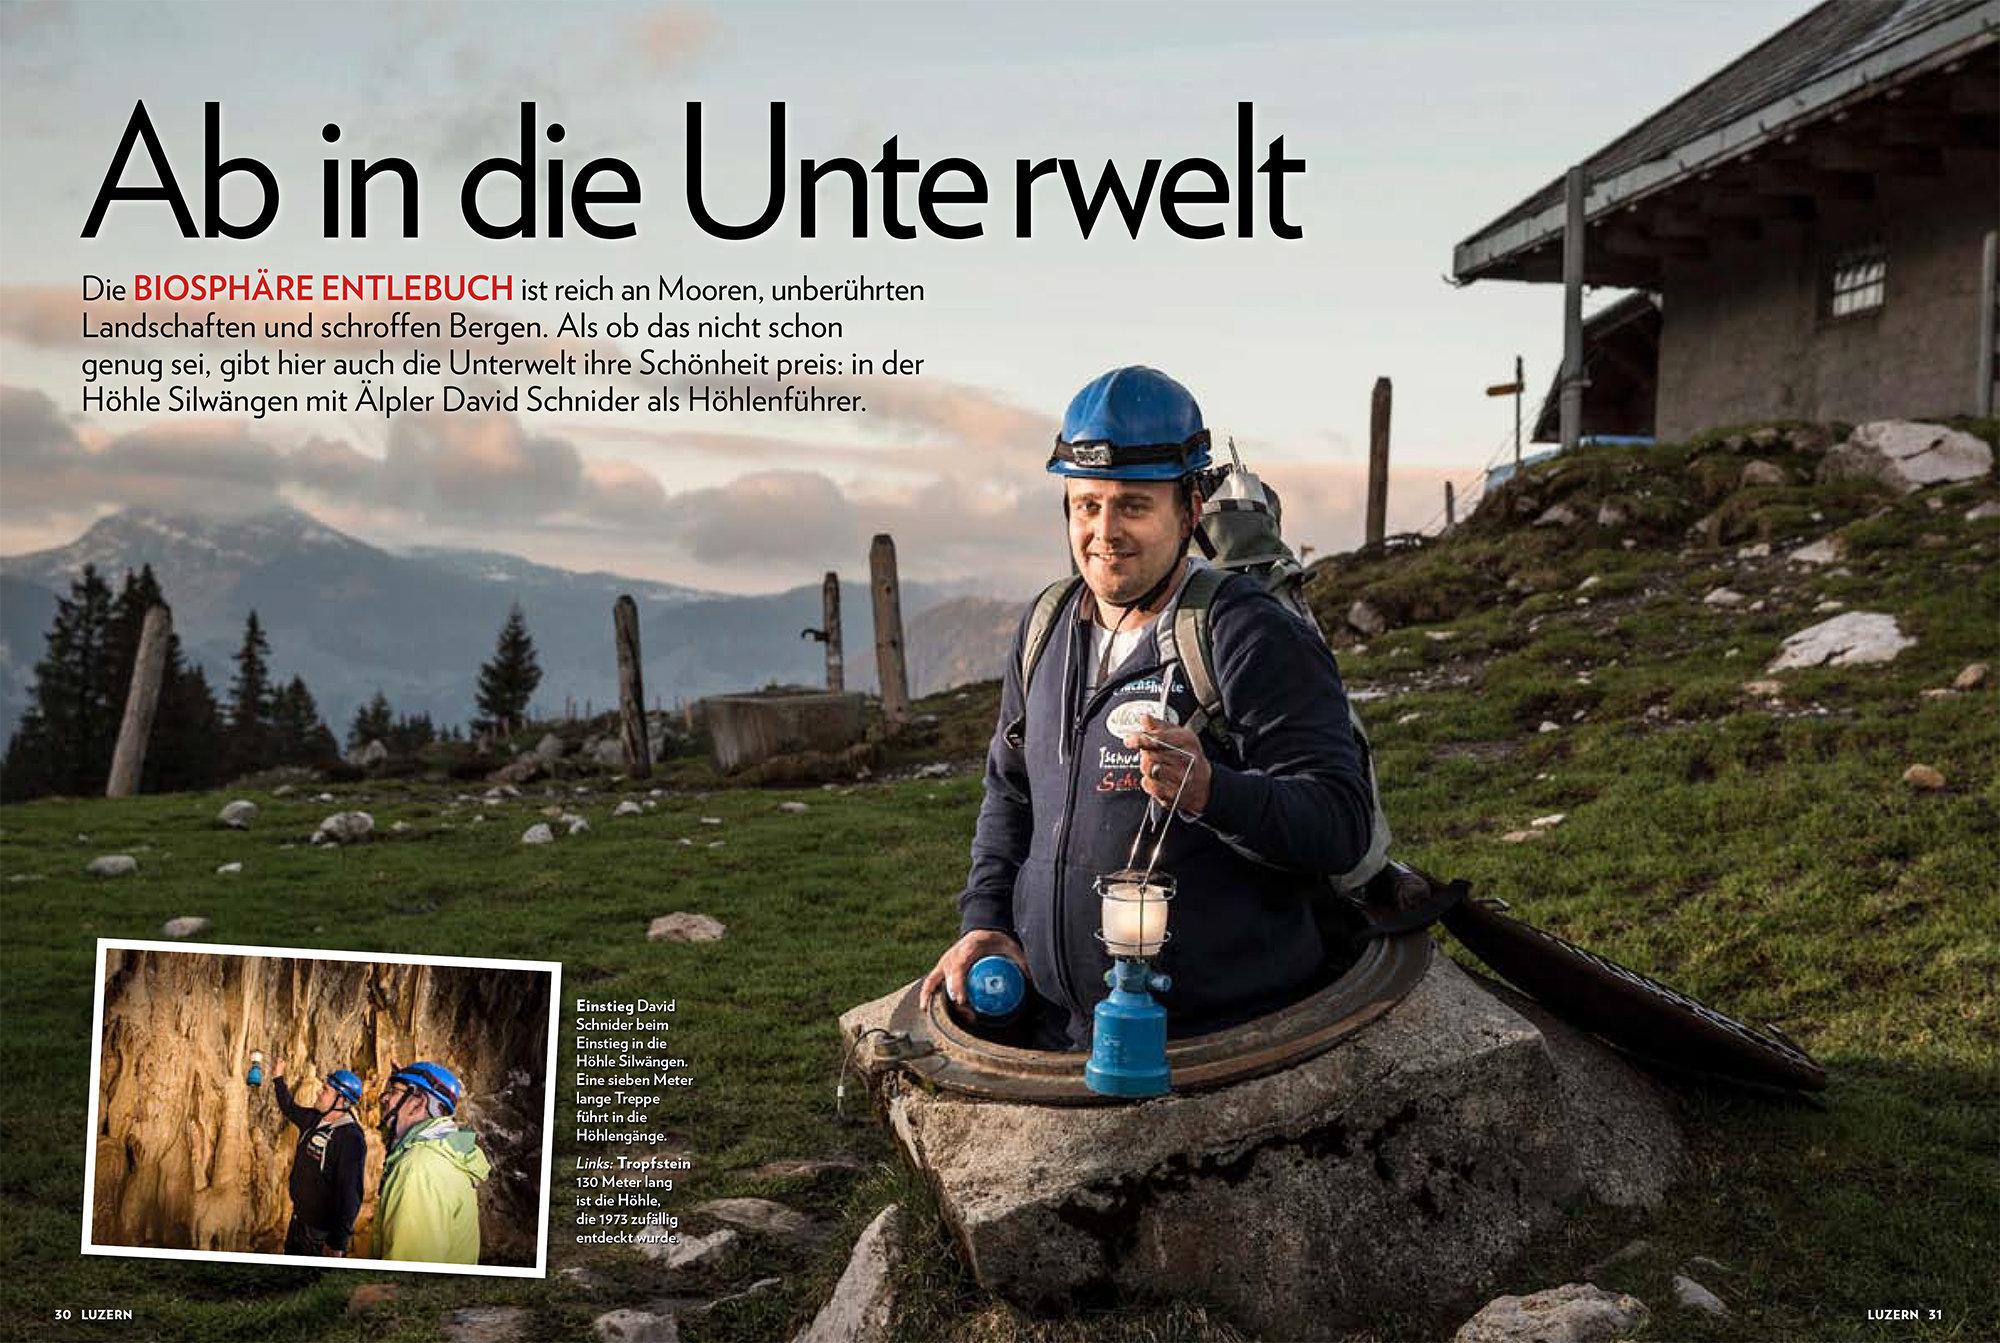 Luzern Beilage Schweizer Illustrierte 2014